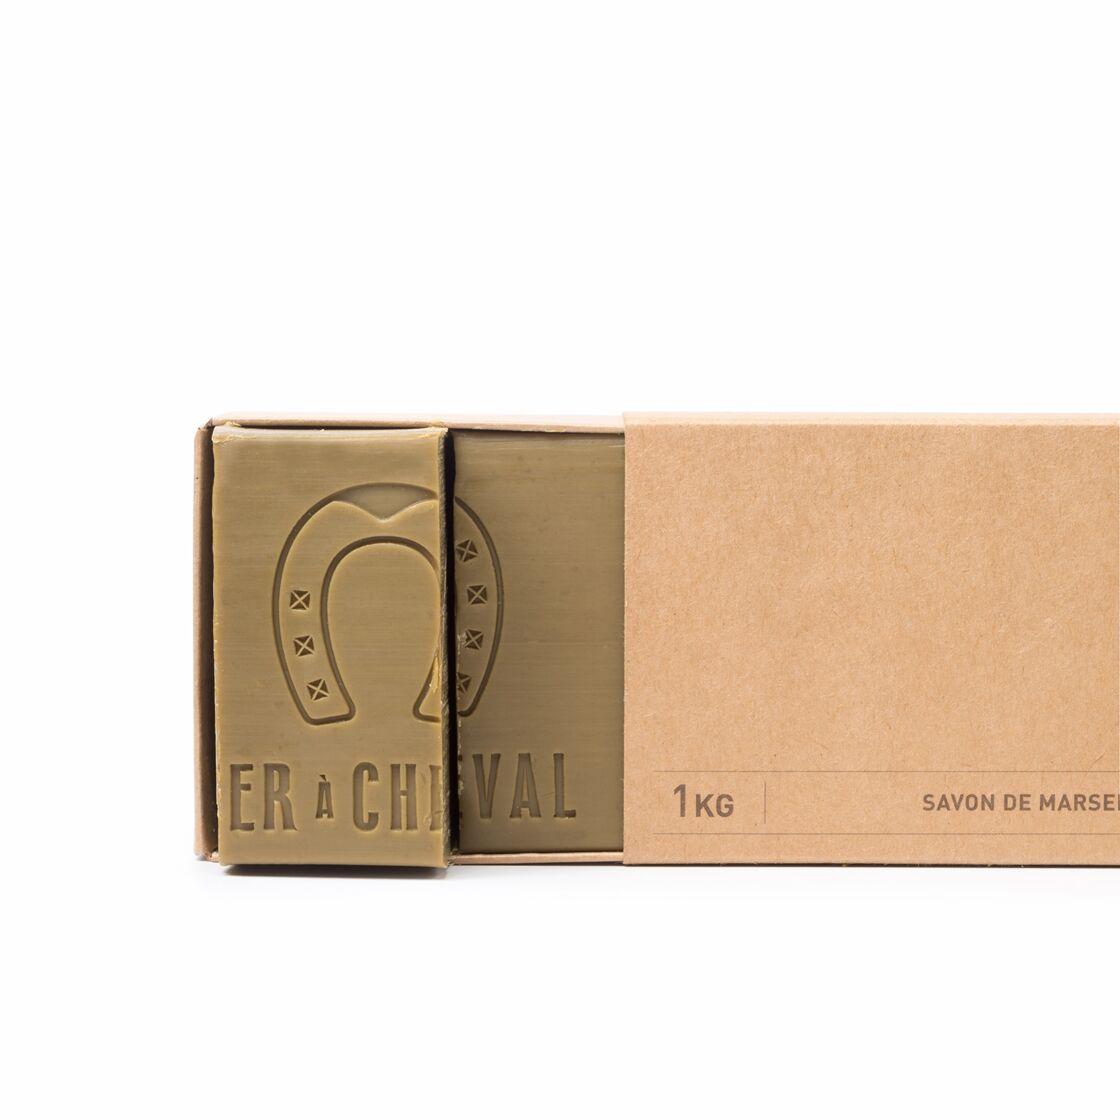 Le savon de Marseille sous forme de bûche de 1k, Le fer à cheval, 15,20 € le kilo.